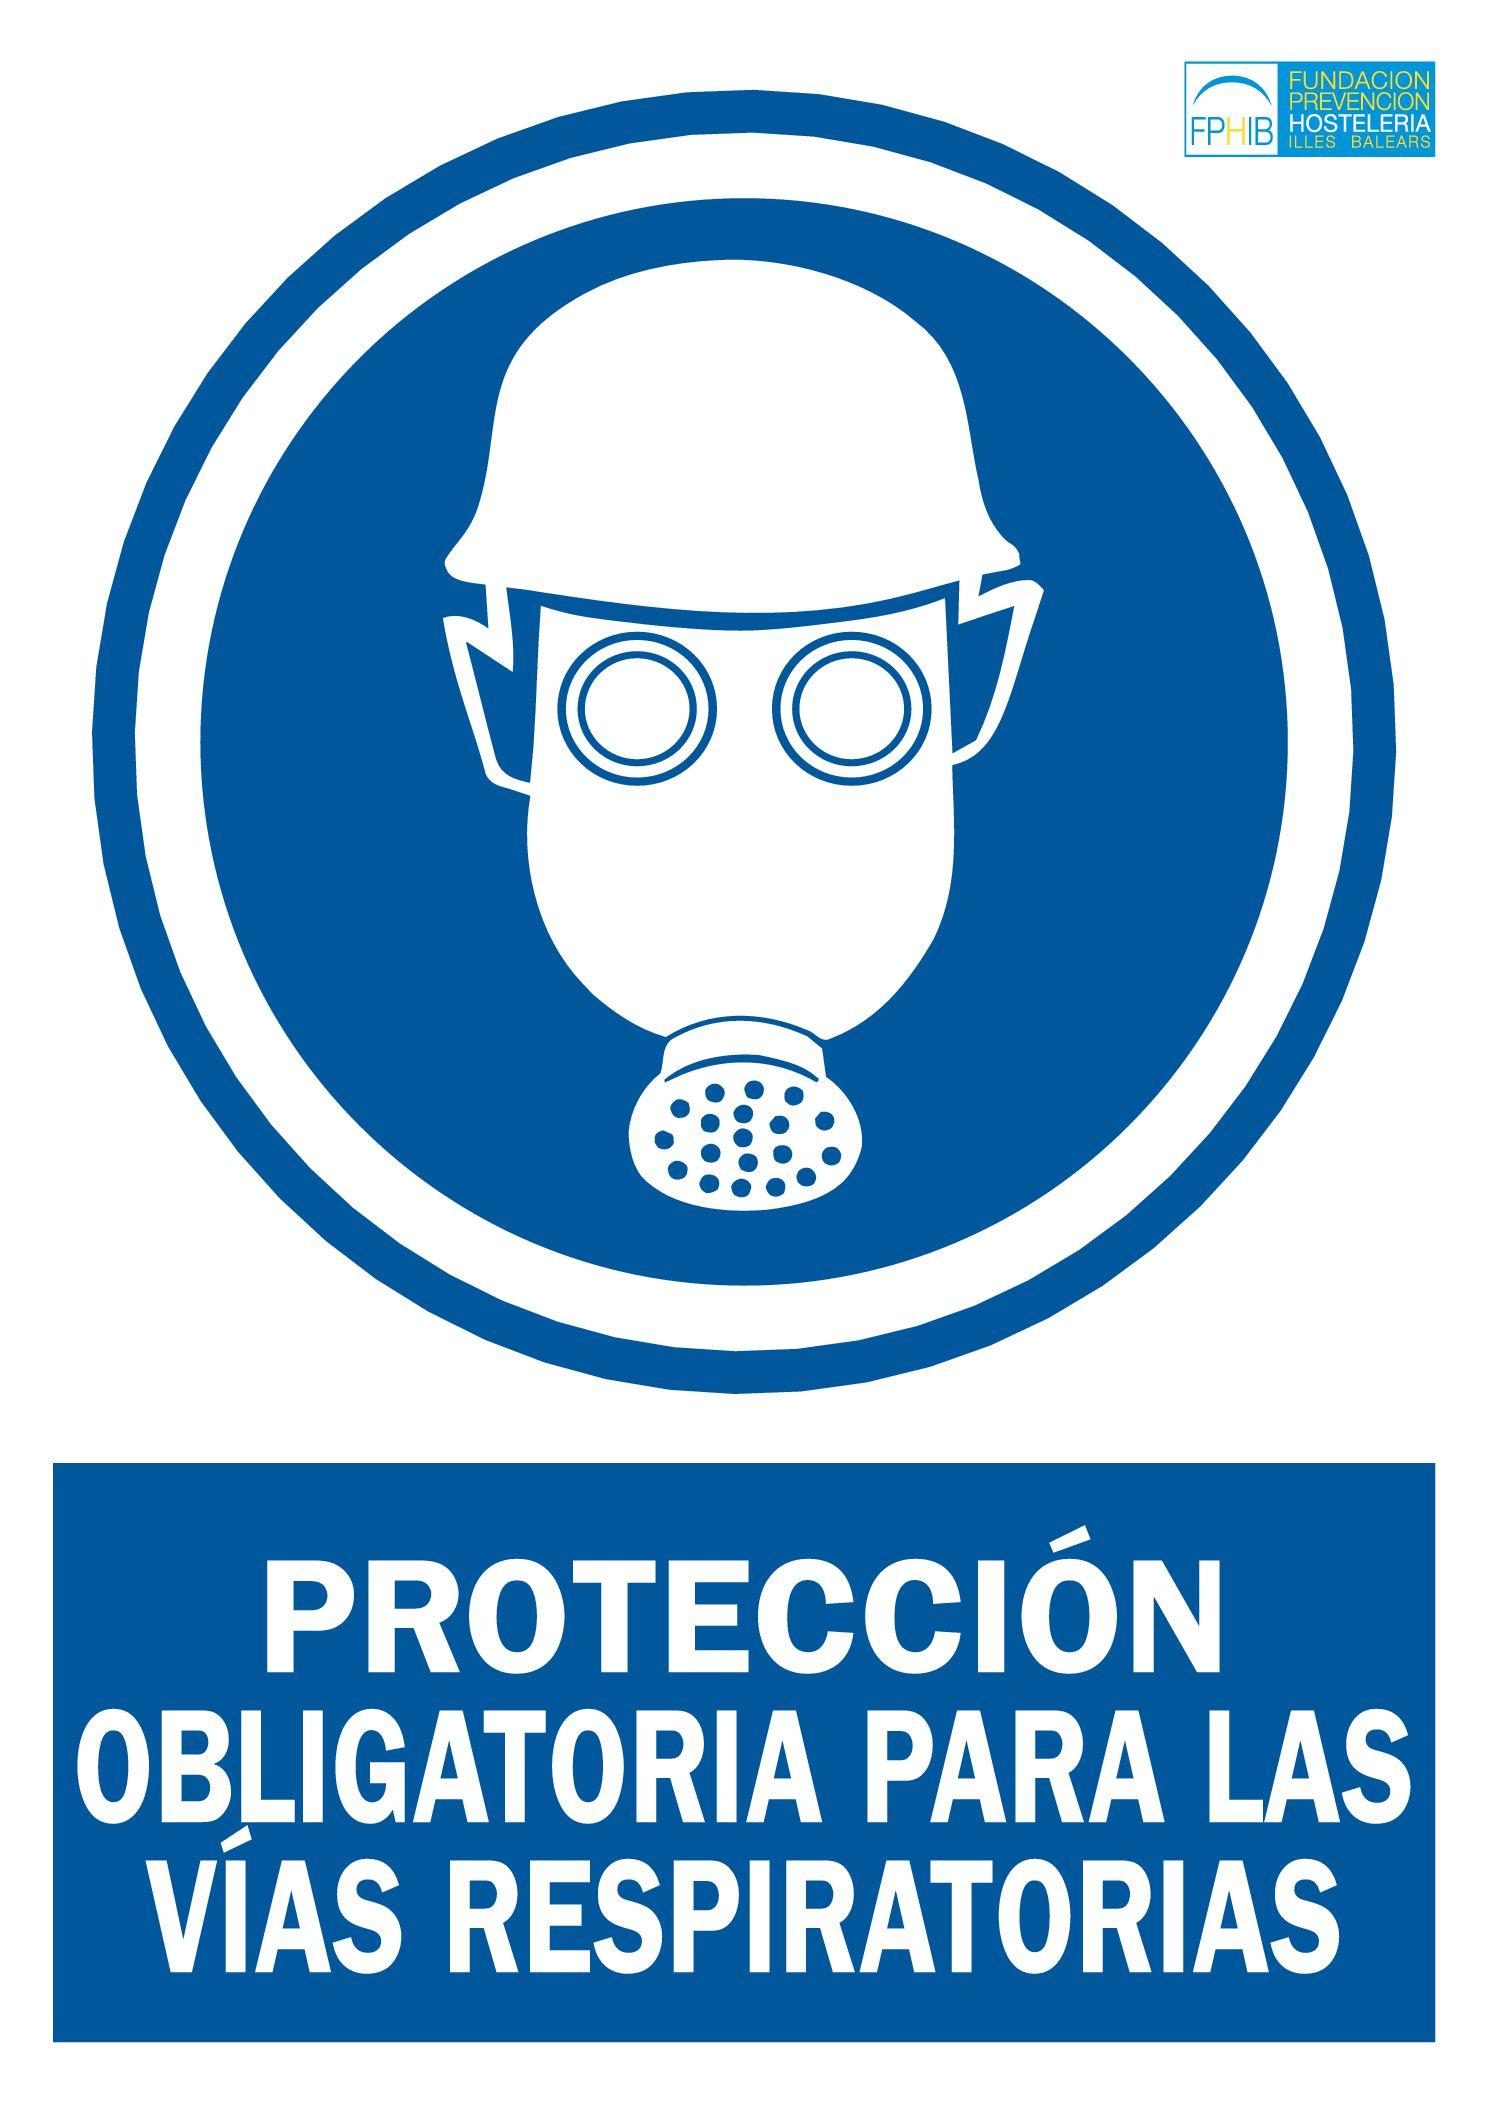 Obligacion proteccion vías respiratorias